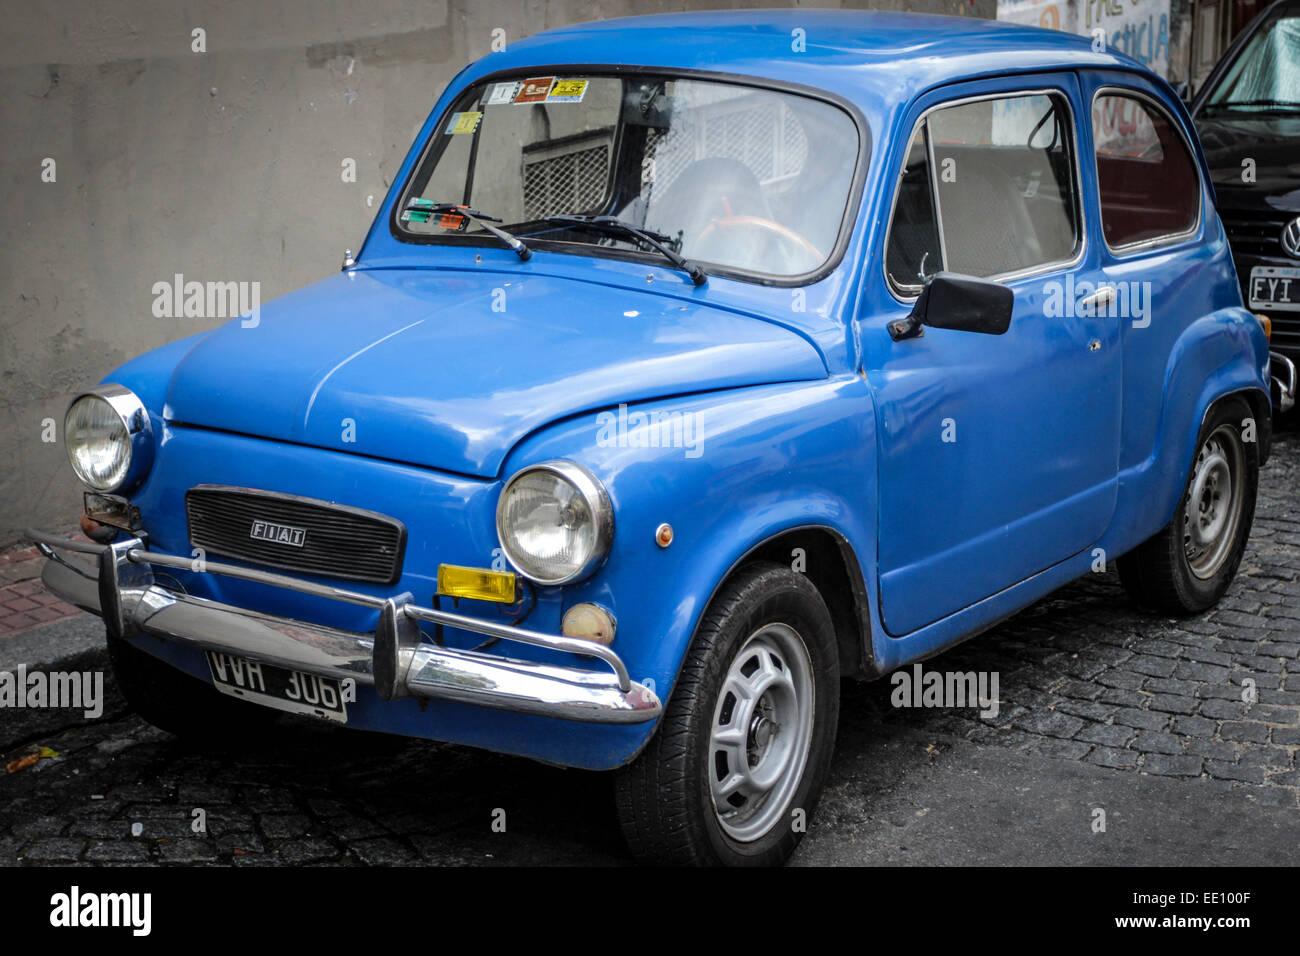 old blue fiat 500 car stockfotos old blue fiat 500 car bilder alamy. Black Bedroom Furniture Sets. Home Design Ideas